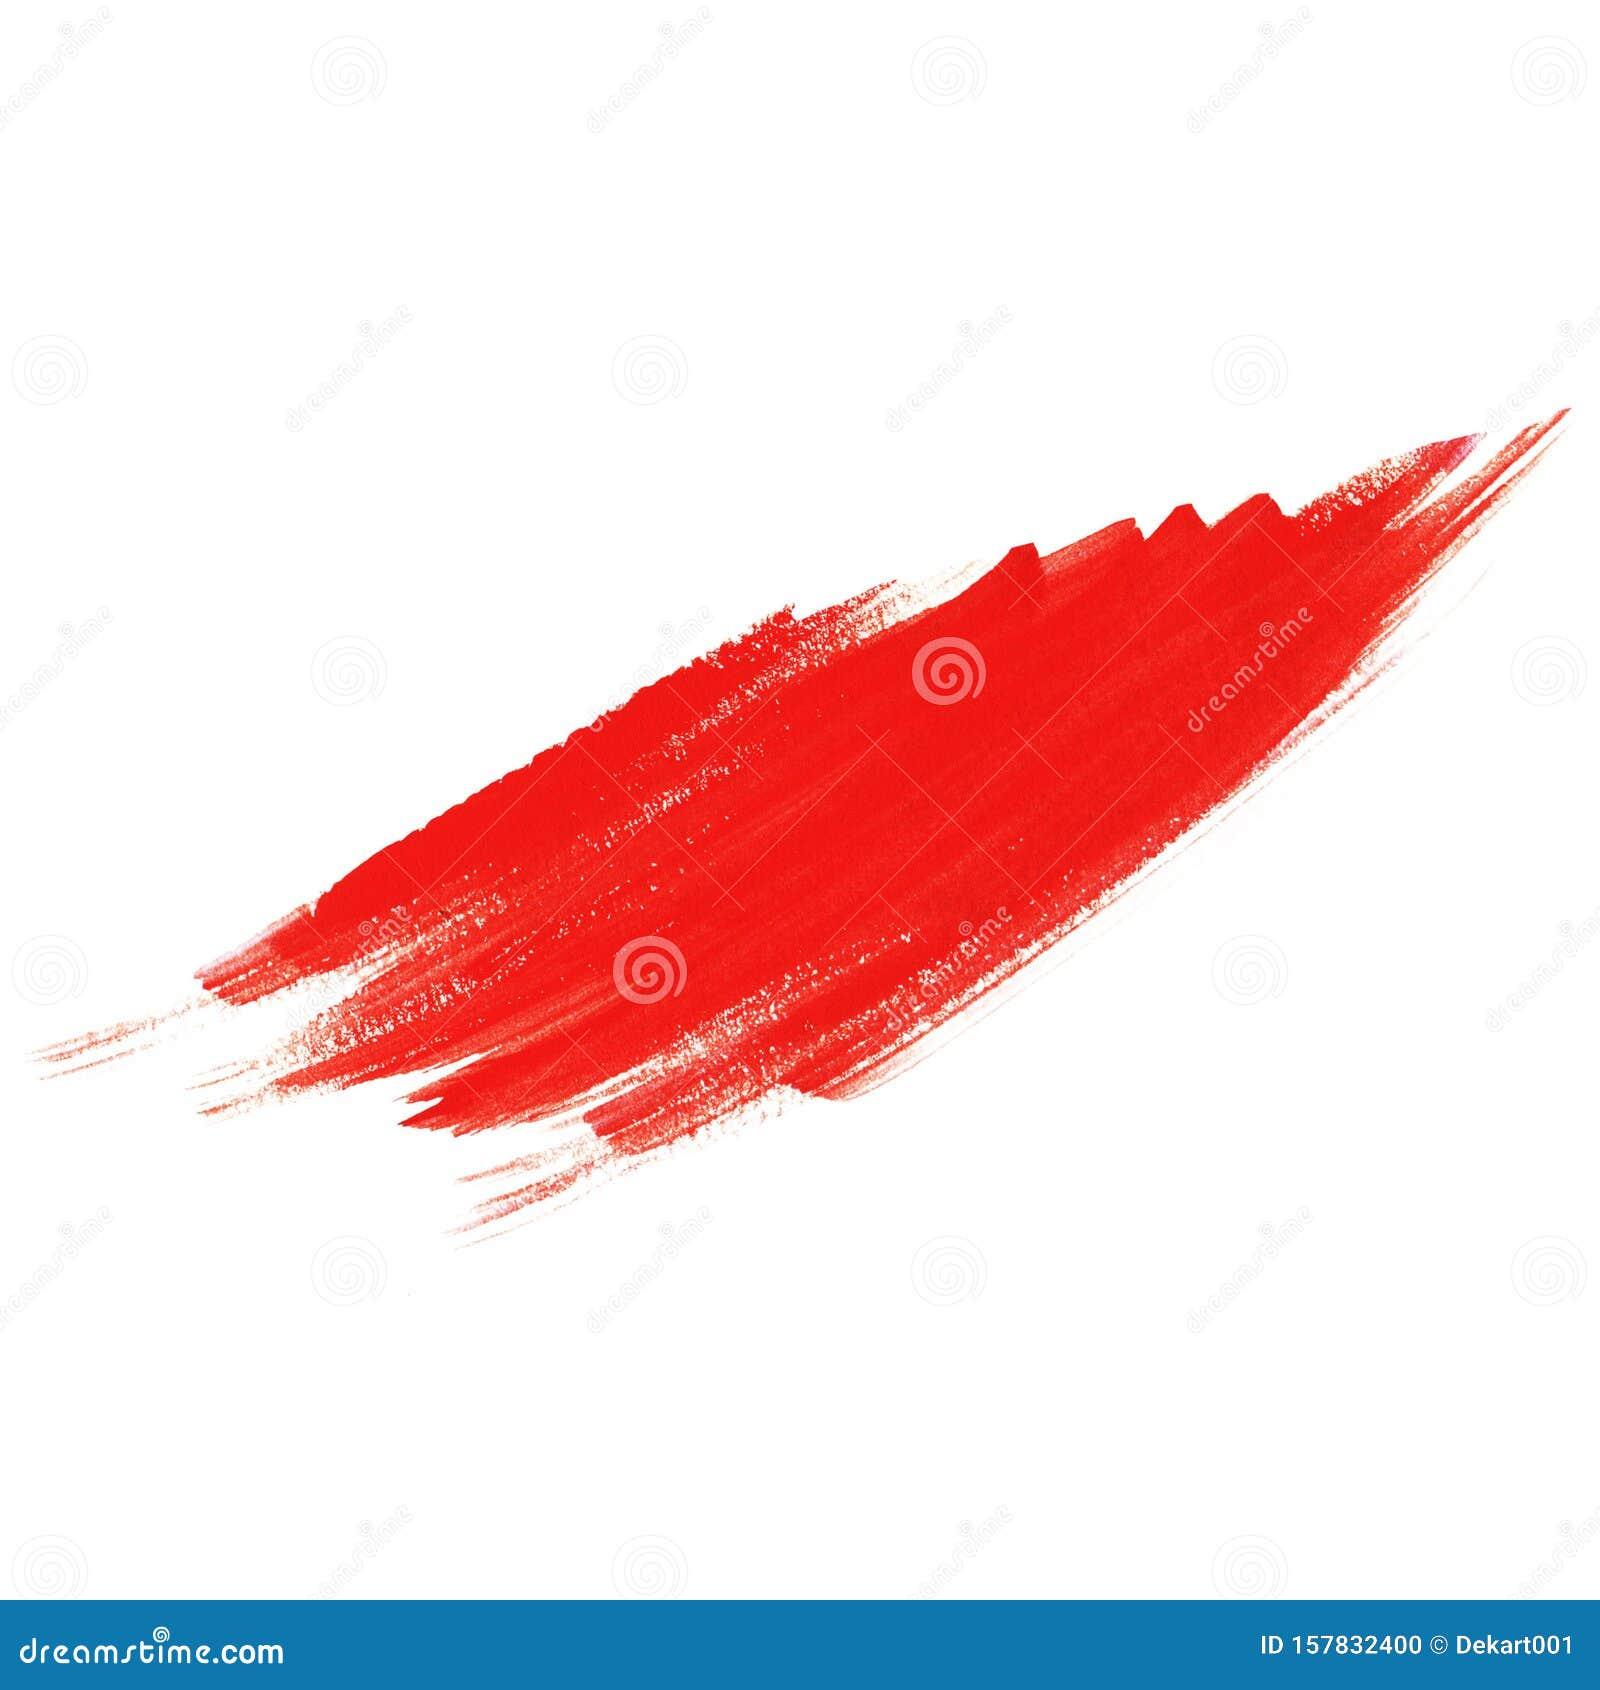 Conception Abstraite De La Texture De La Peinture A Brosse Rouge Trace En Acrylique Isole Sur Fond Blanc Pour Votre Dessin Illustration Stock Illustration Du Fond Peinture 157832400